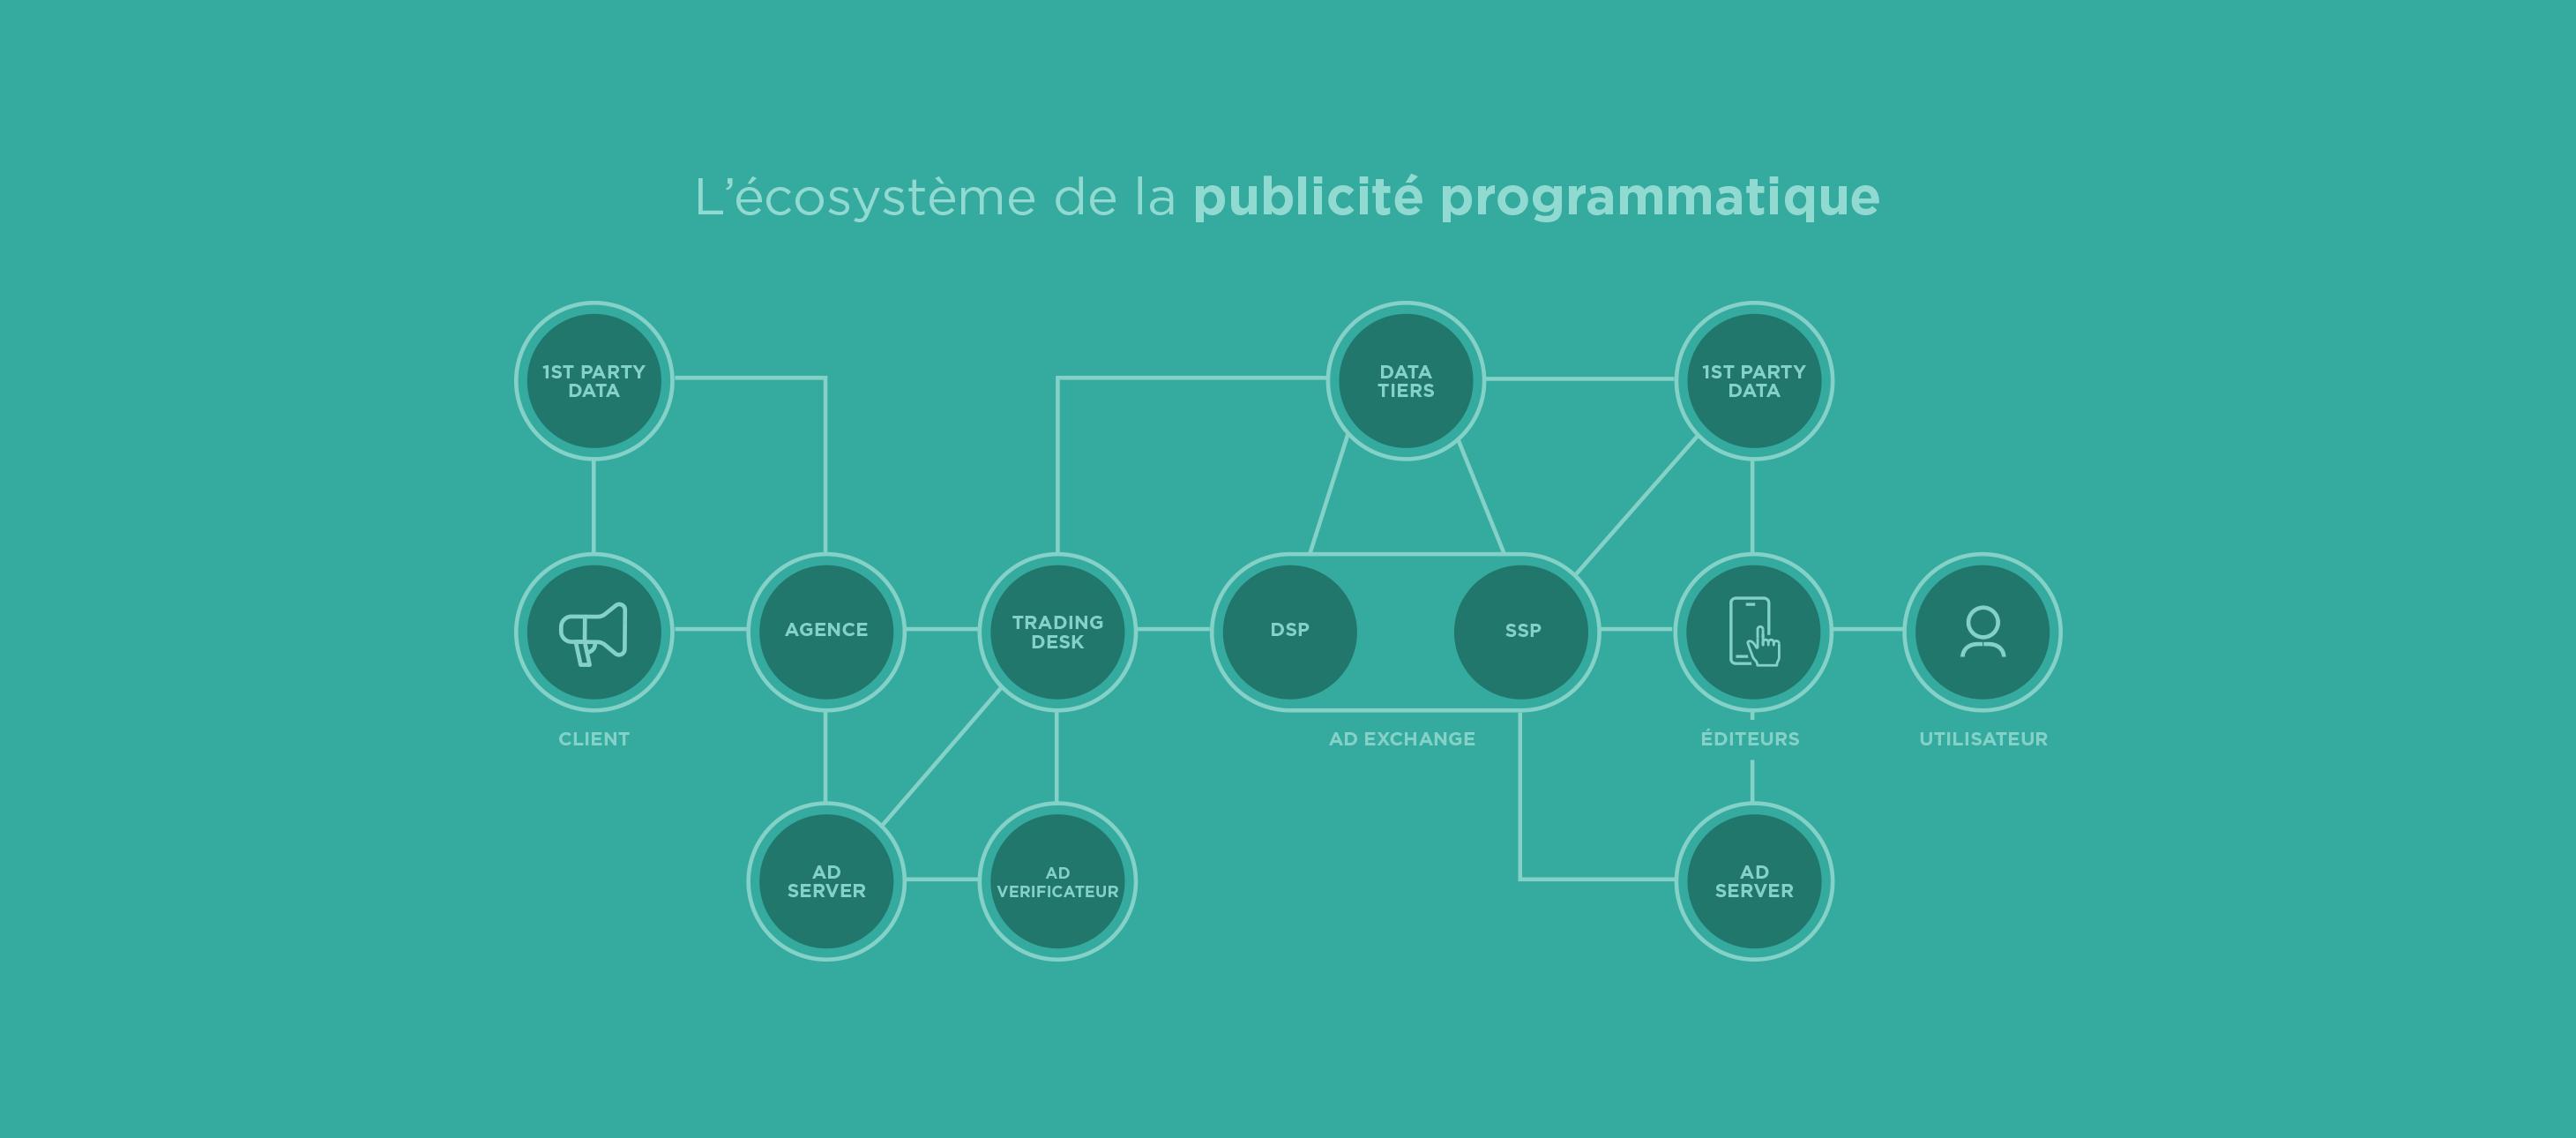 L'écosystème de la publicité programmatique